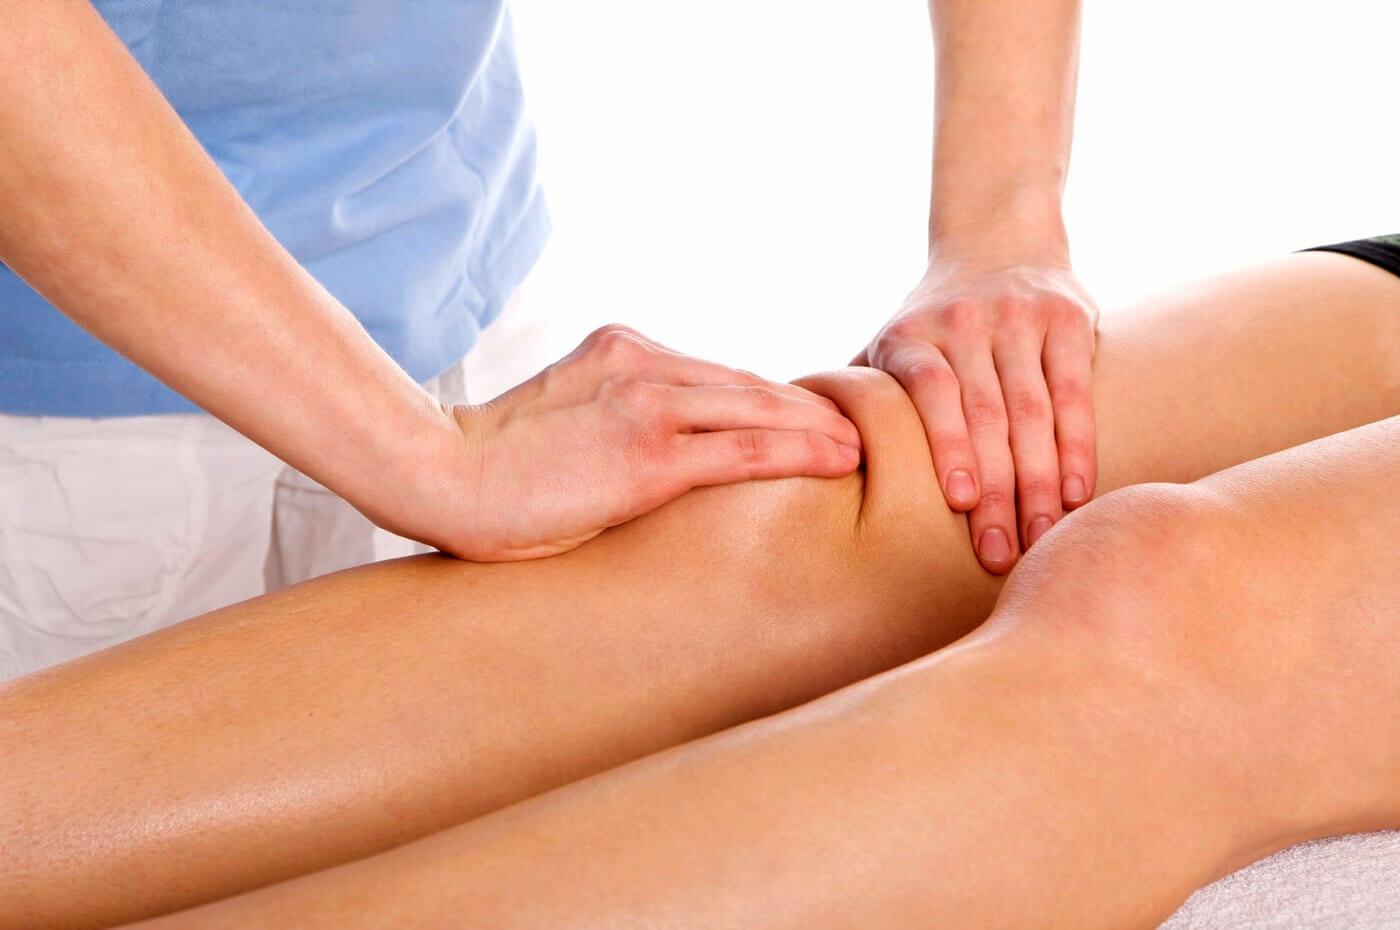 Массаж коленного сустава техника, показания и противопоказания